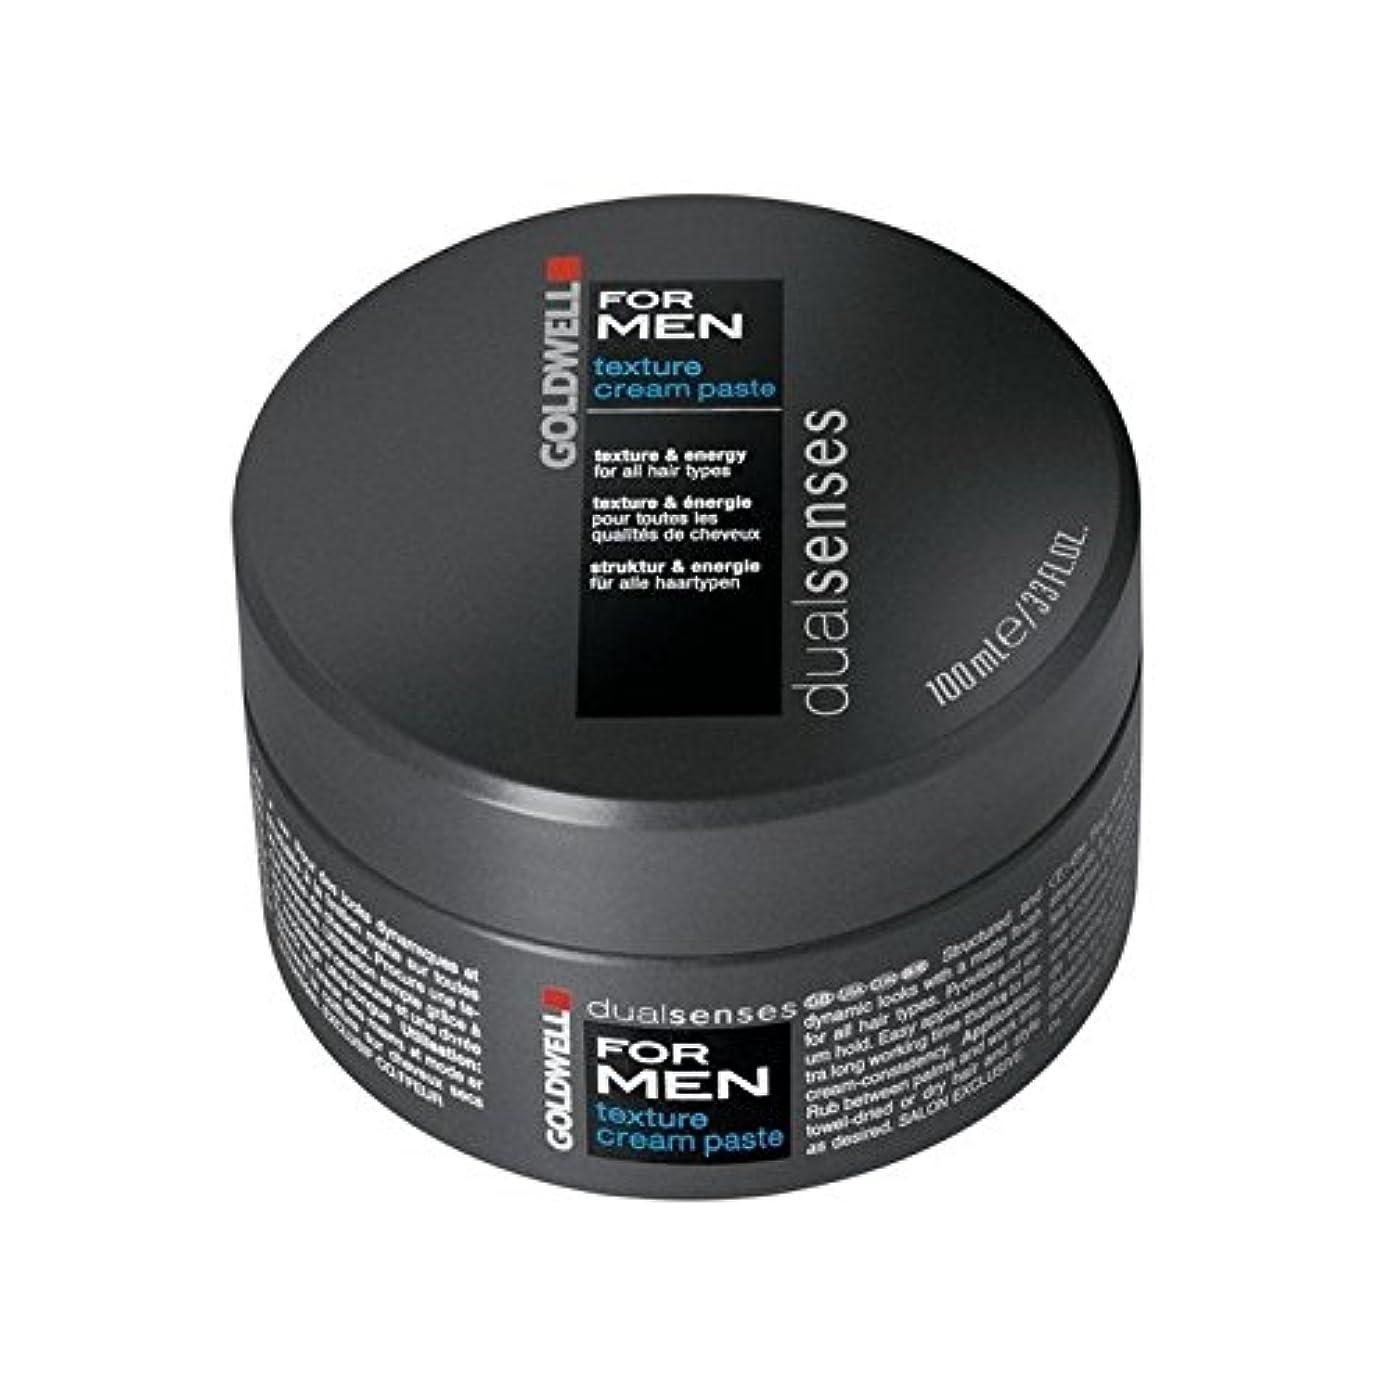 不愉快アリーナ終わり男性のテクスチャーのクリームペースト(100ミリリットル)のためのの x2 - Goldwell Dualsenses For Men Texture Cream Paste (100ml) (Pack of 2) [並行輸入品]